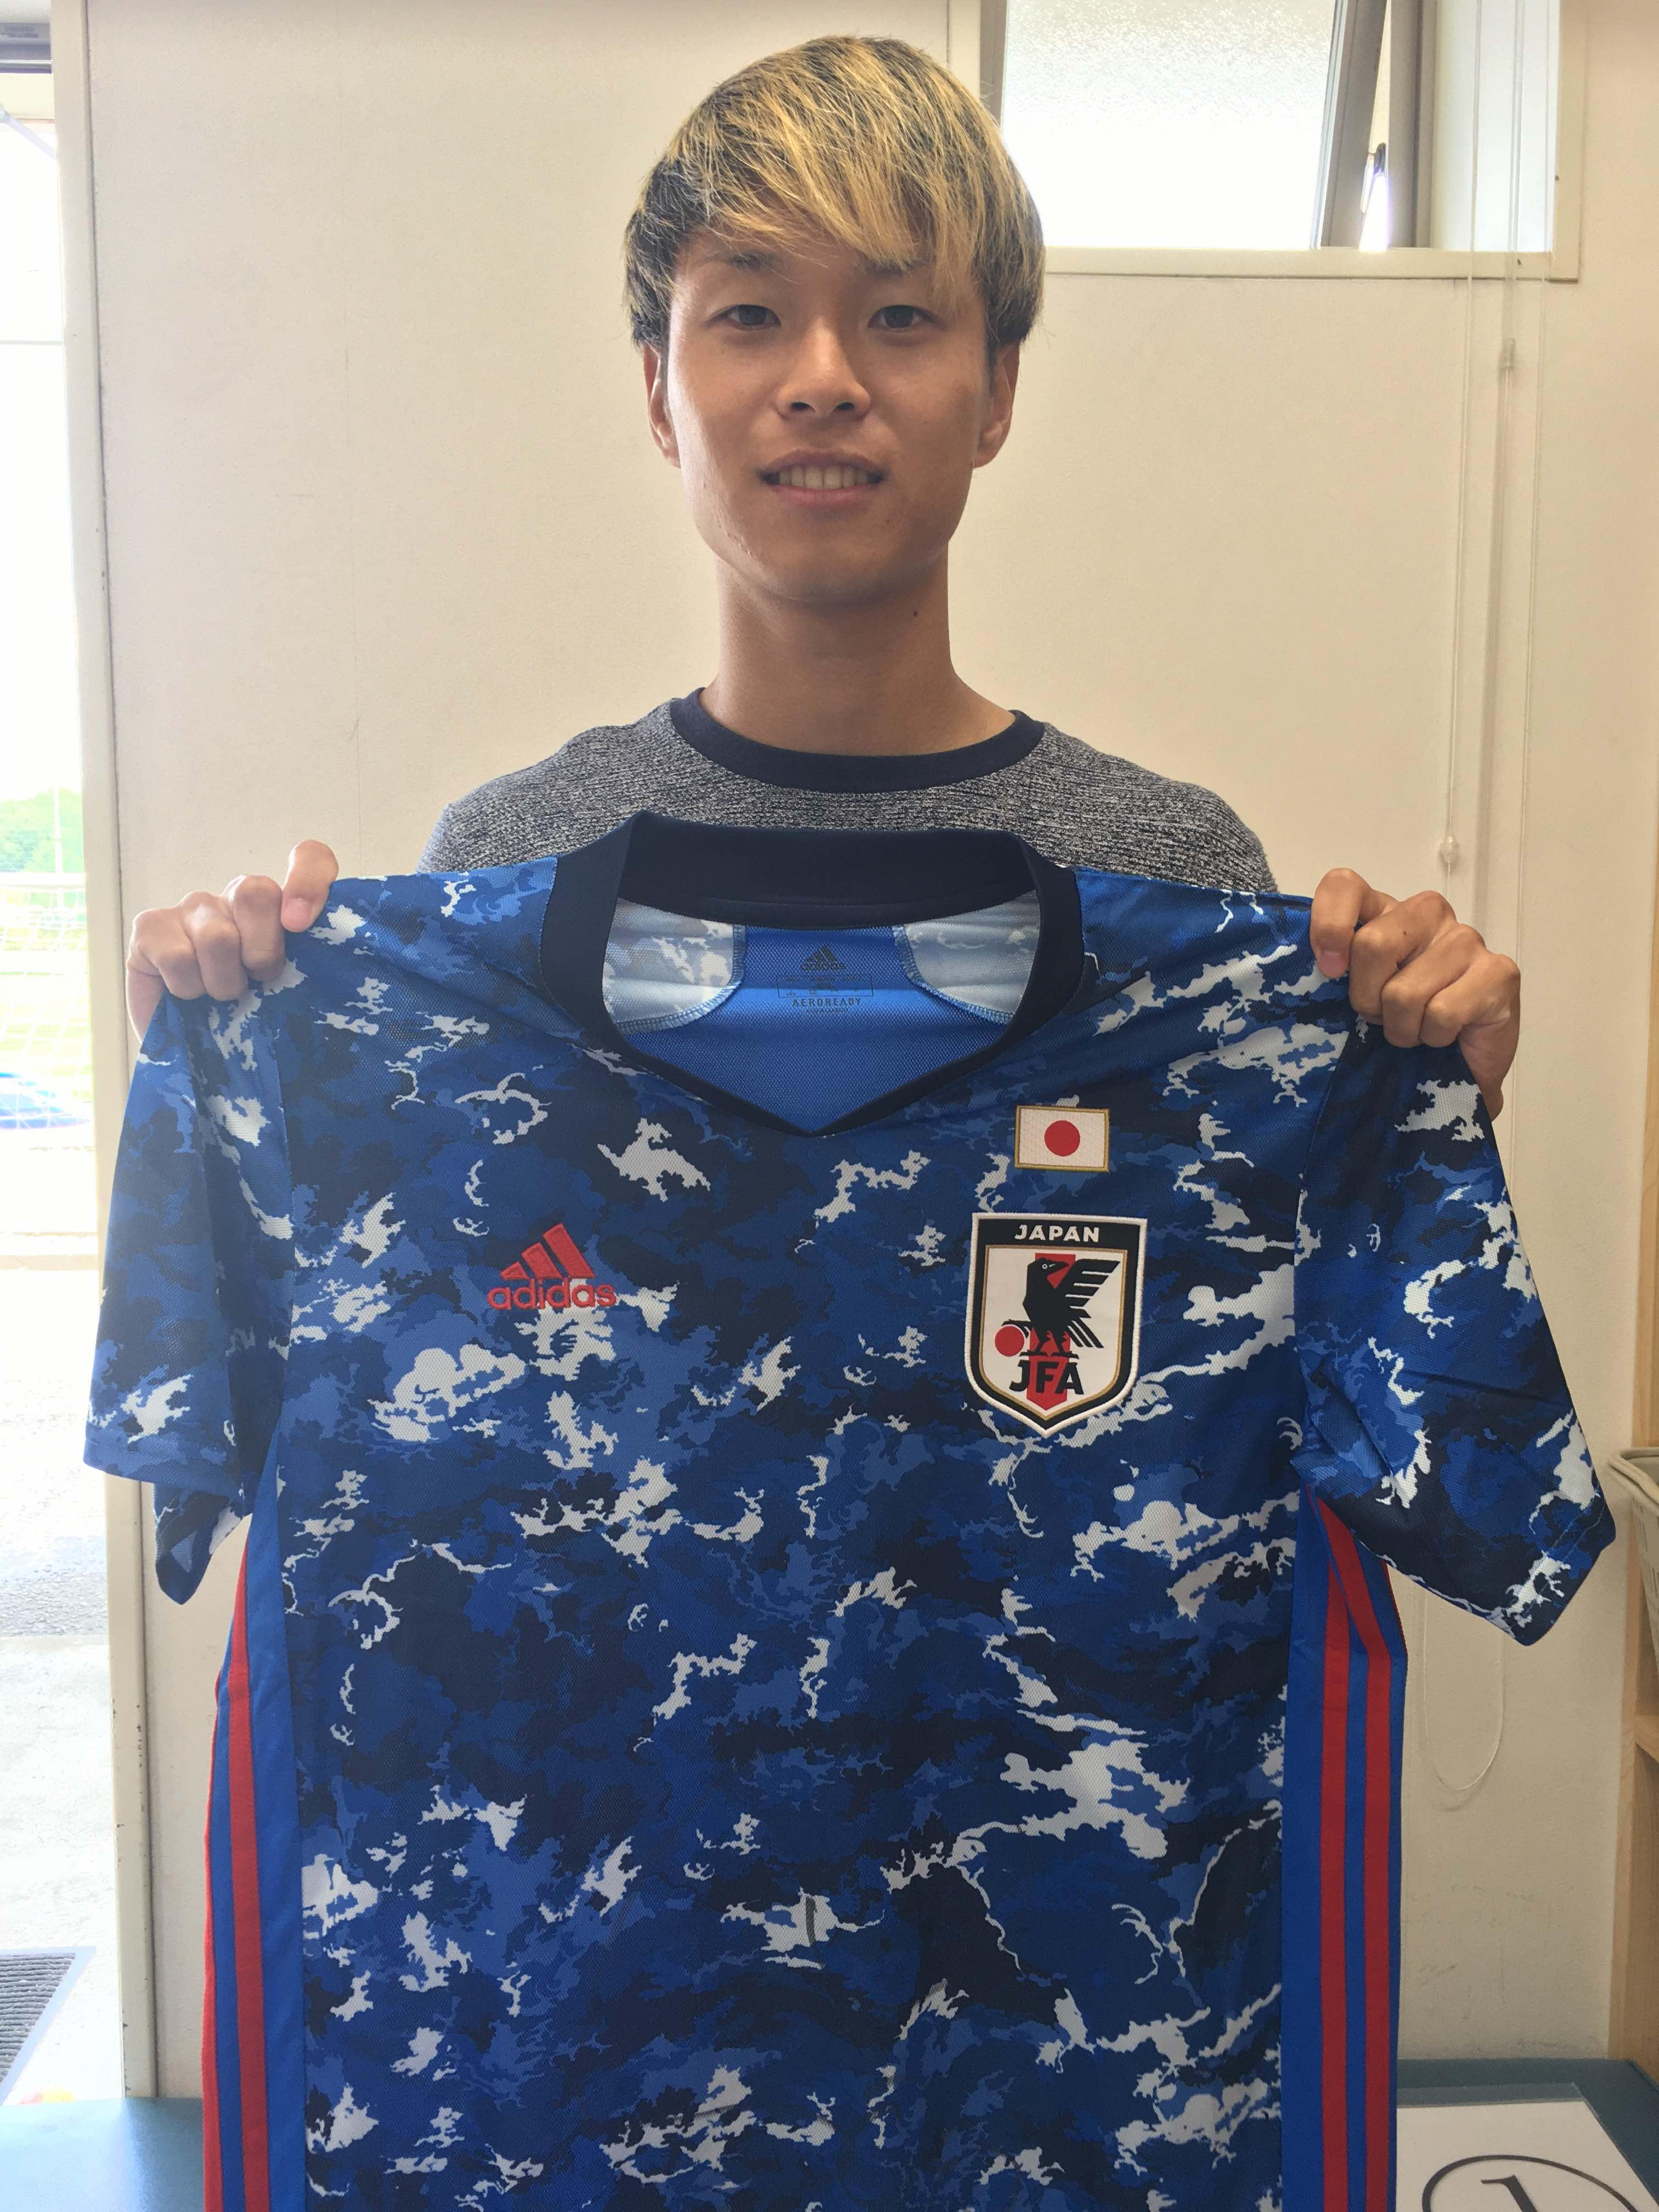 【直筆サイン入り公式】U-23日本代表 藤谷 壮 選手(ヴィッセル神戸)